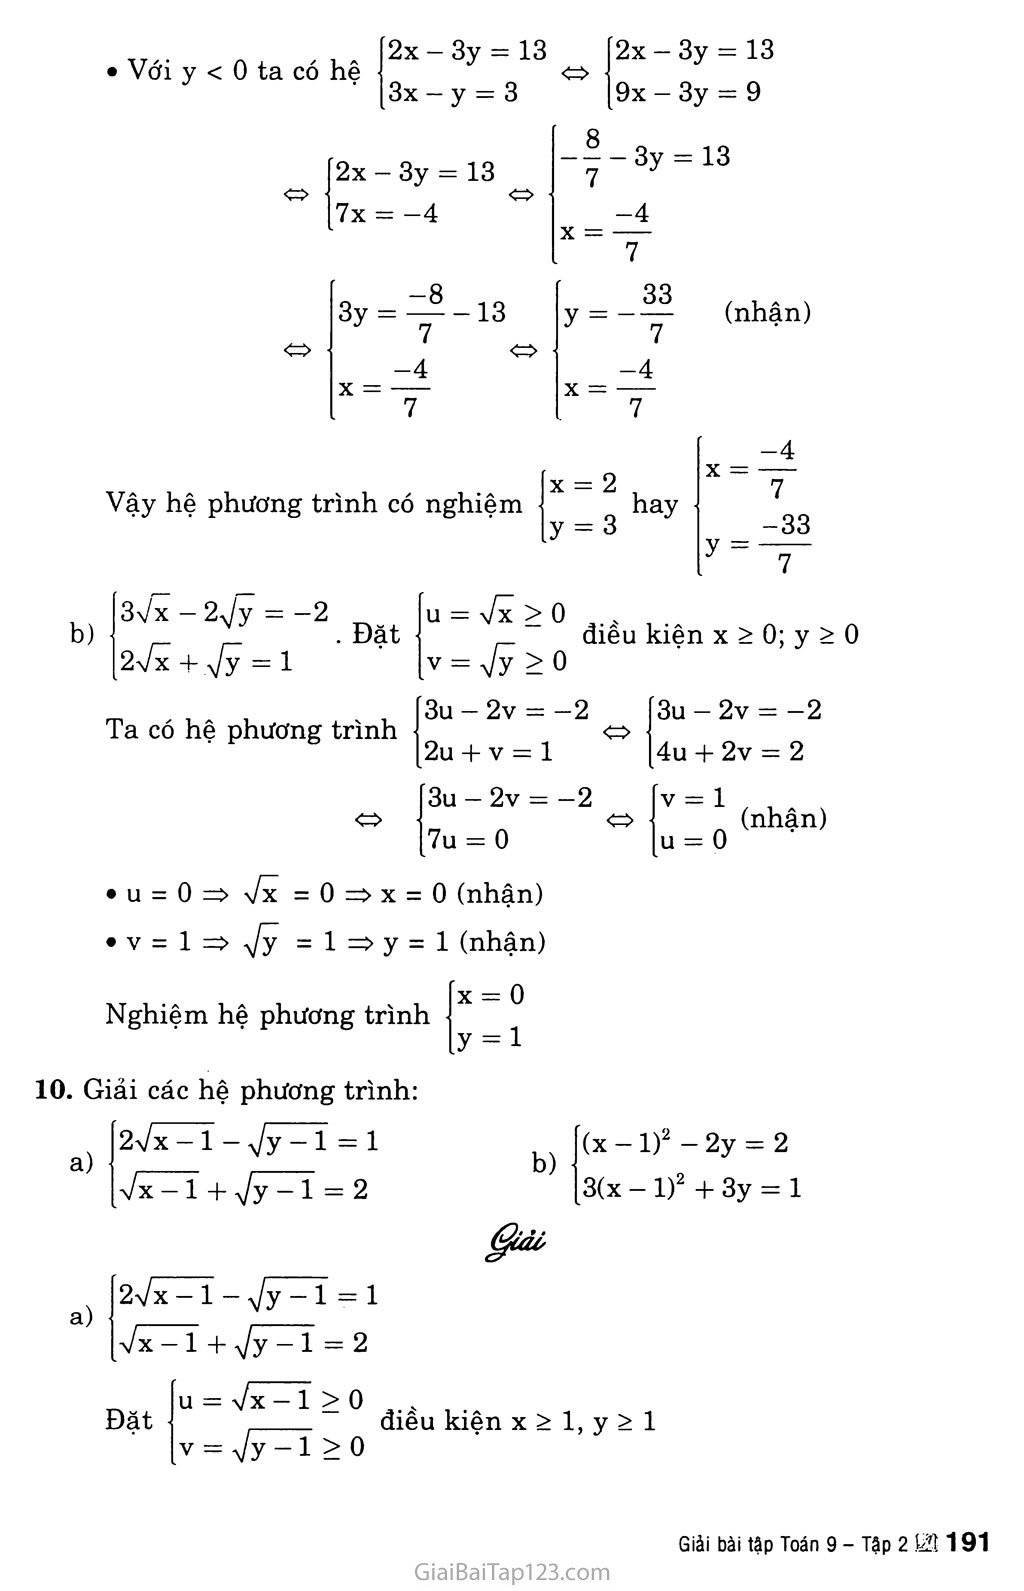 Bài tập ôn cuối năm trang 5